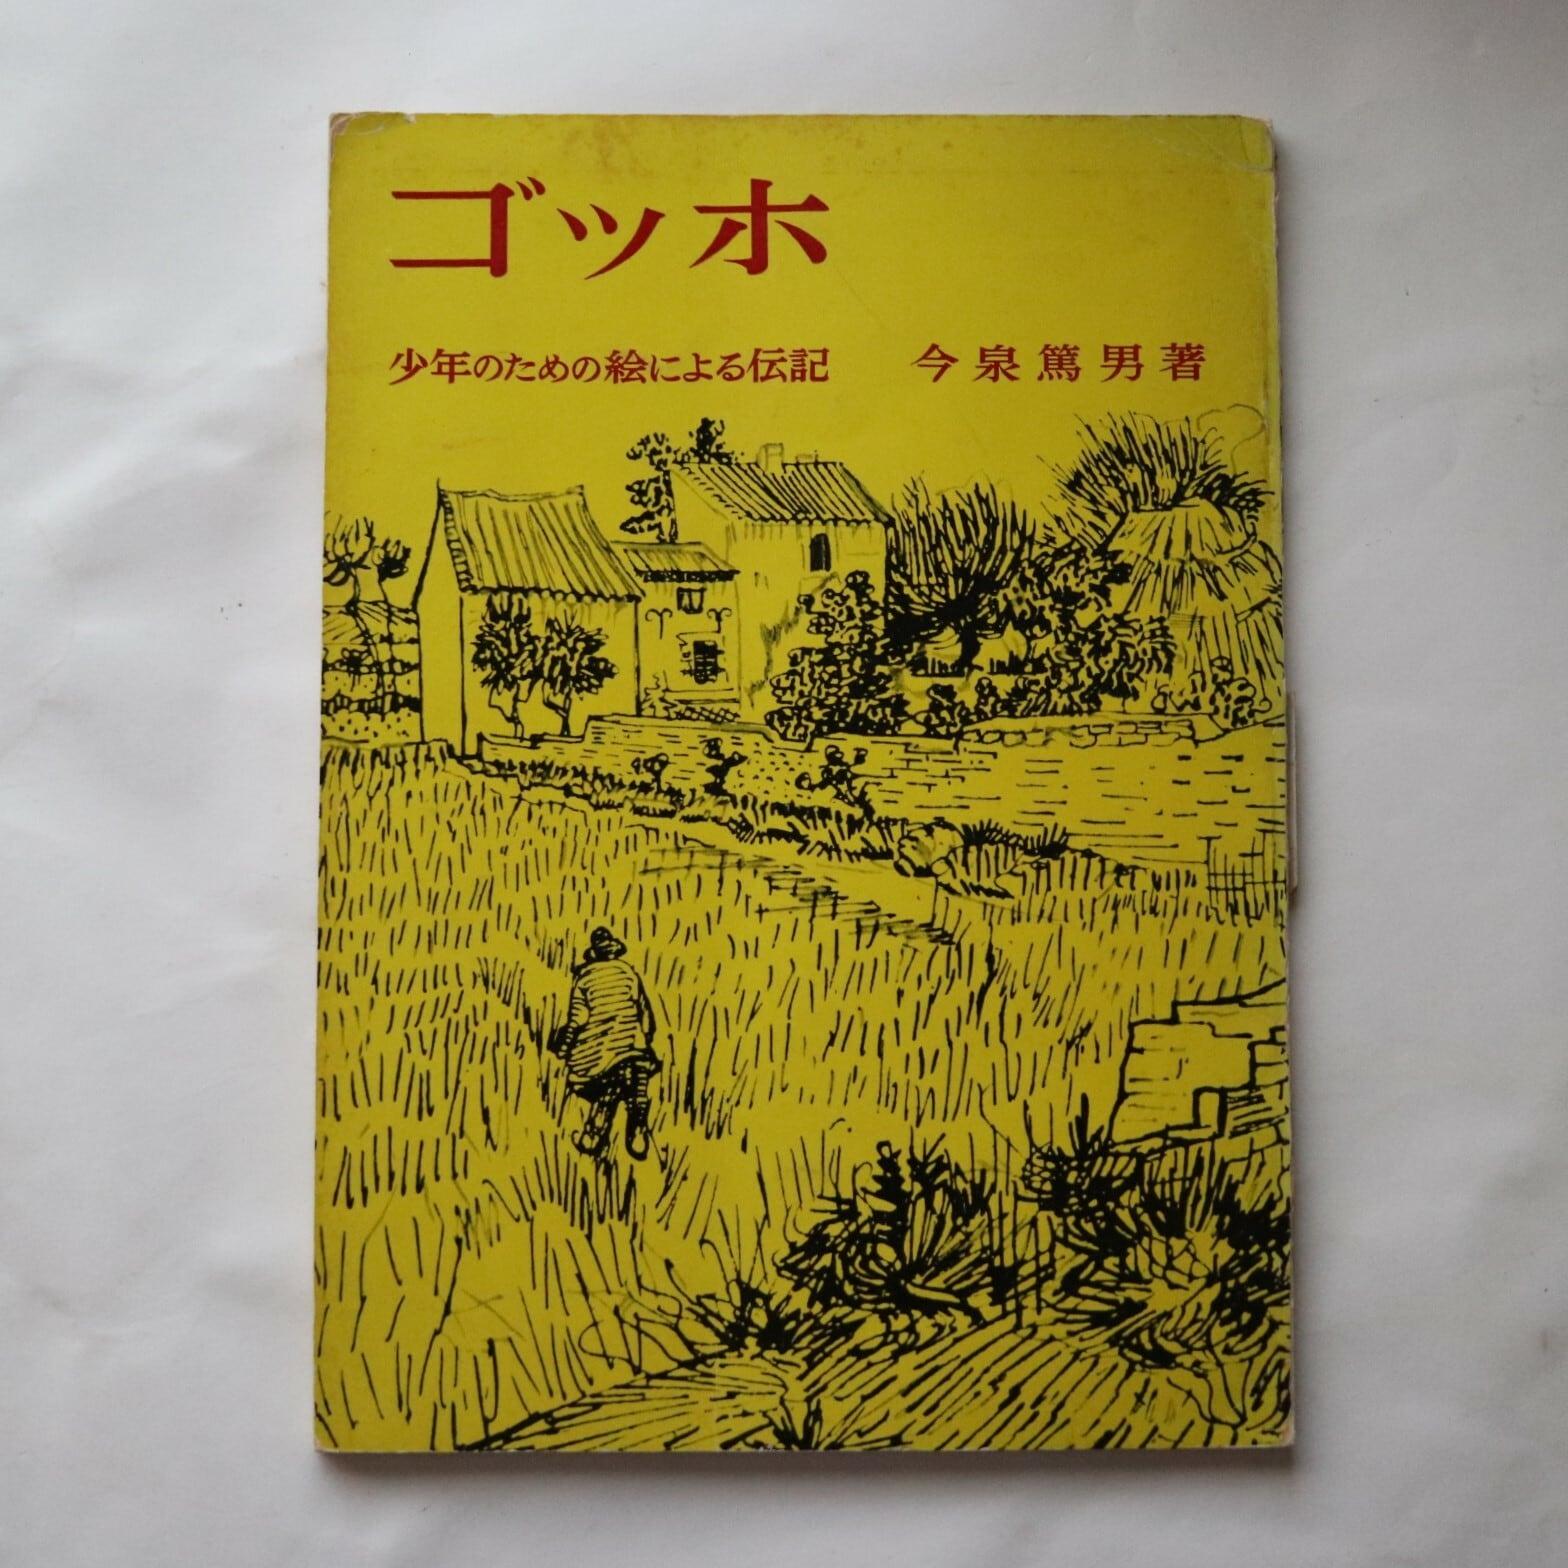 ゴッホ : 少年のための絵による伝記 / 今泉篤男著